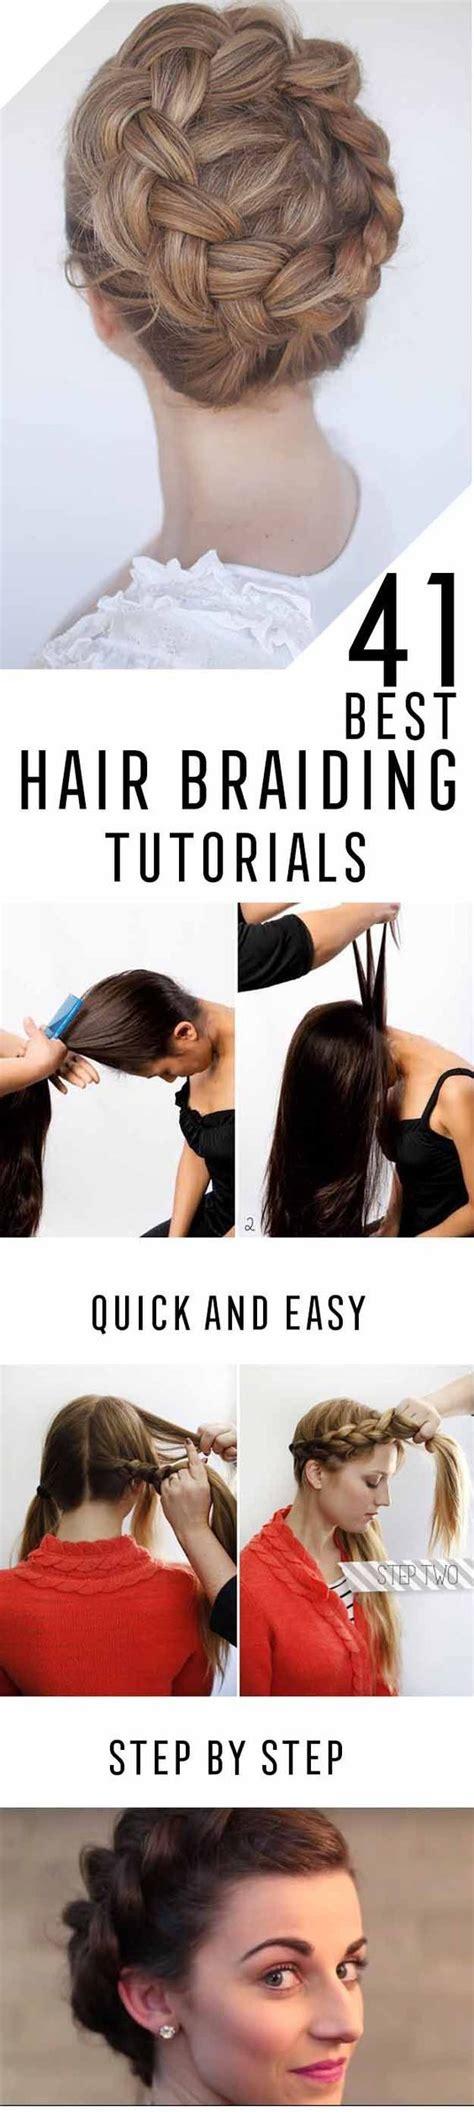 kids french first steps 1847110495 17 best ideas about dutch braid tutorials on braided hairstyles tutorials braided